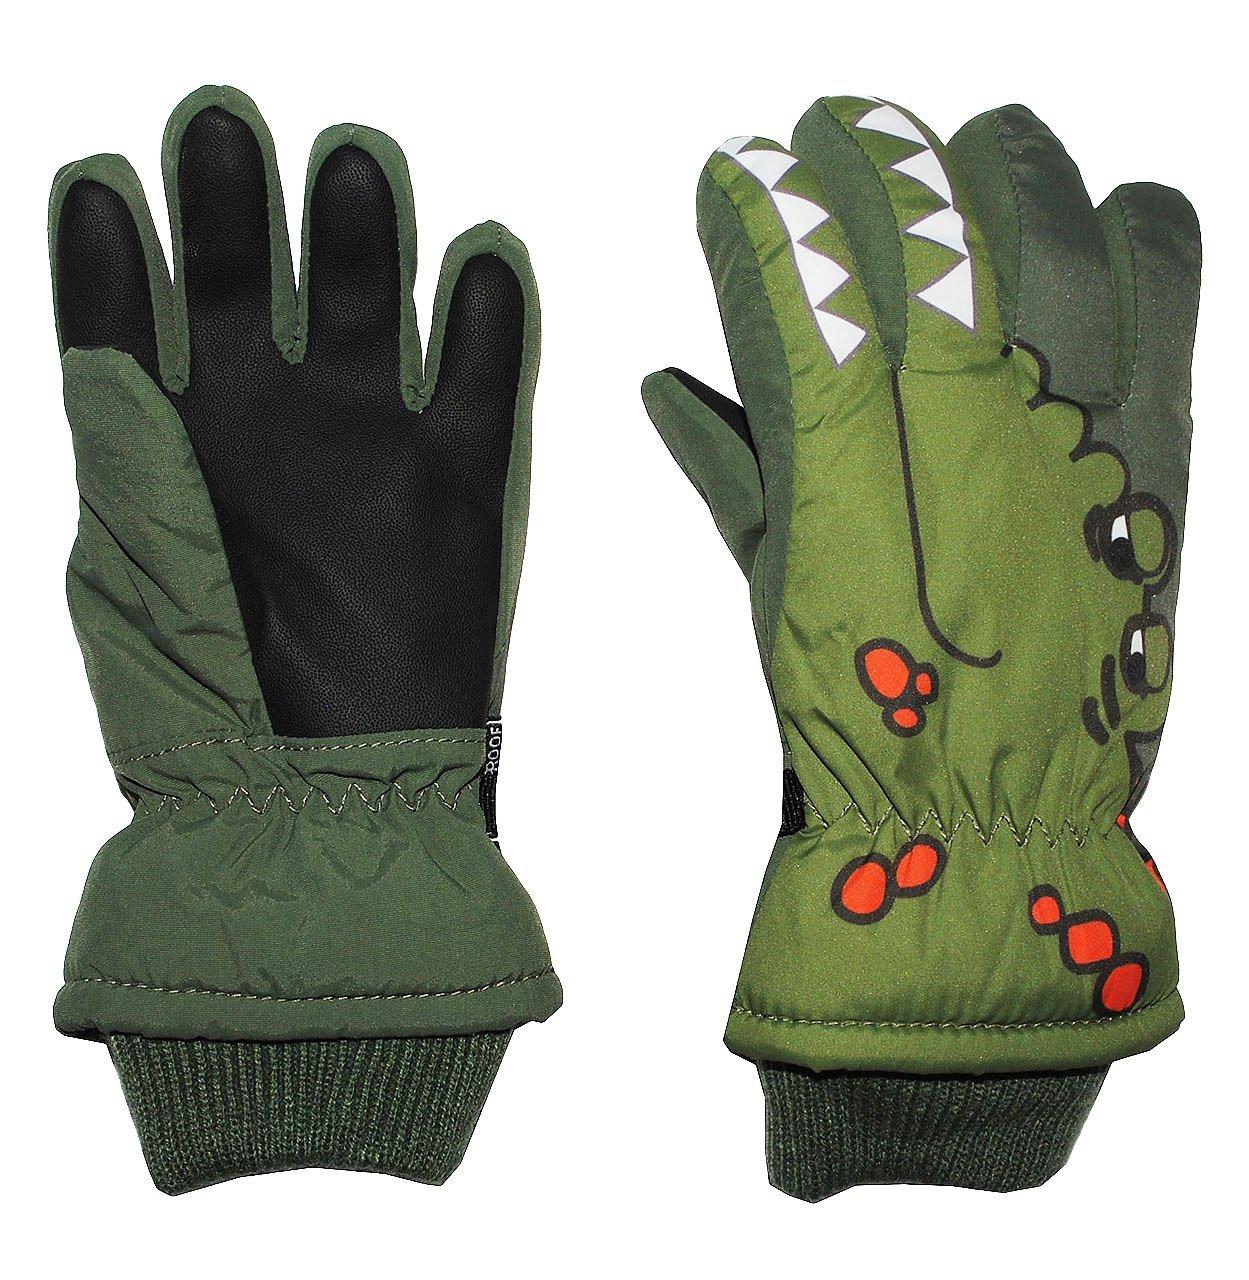 Fingerhandschuhe mit Schaft / Strick Bündchen - Krokodil grün - Thermo gefüttert Thermohandschuh - Größe: 4 bis 6 Jahre - wasserdicht + atmungsaktiv Thinsulate - Fingerhandschuh für Kinder - Mädchen Jungen - Thermohandschuhe Handschuhe - Fleece Futter